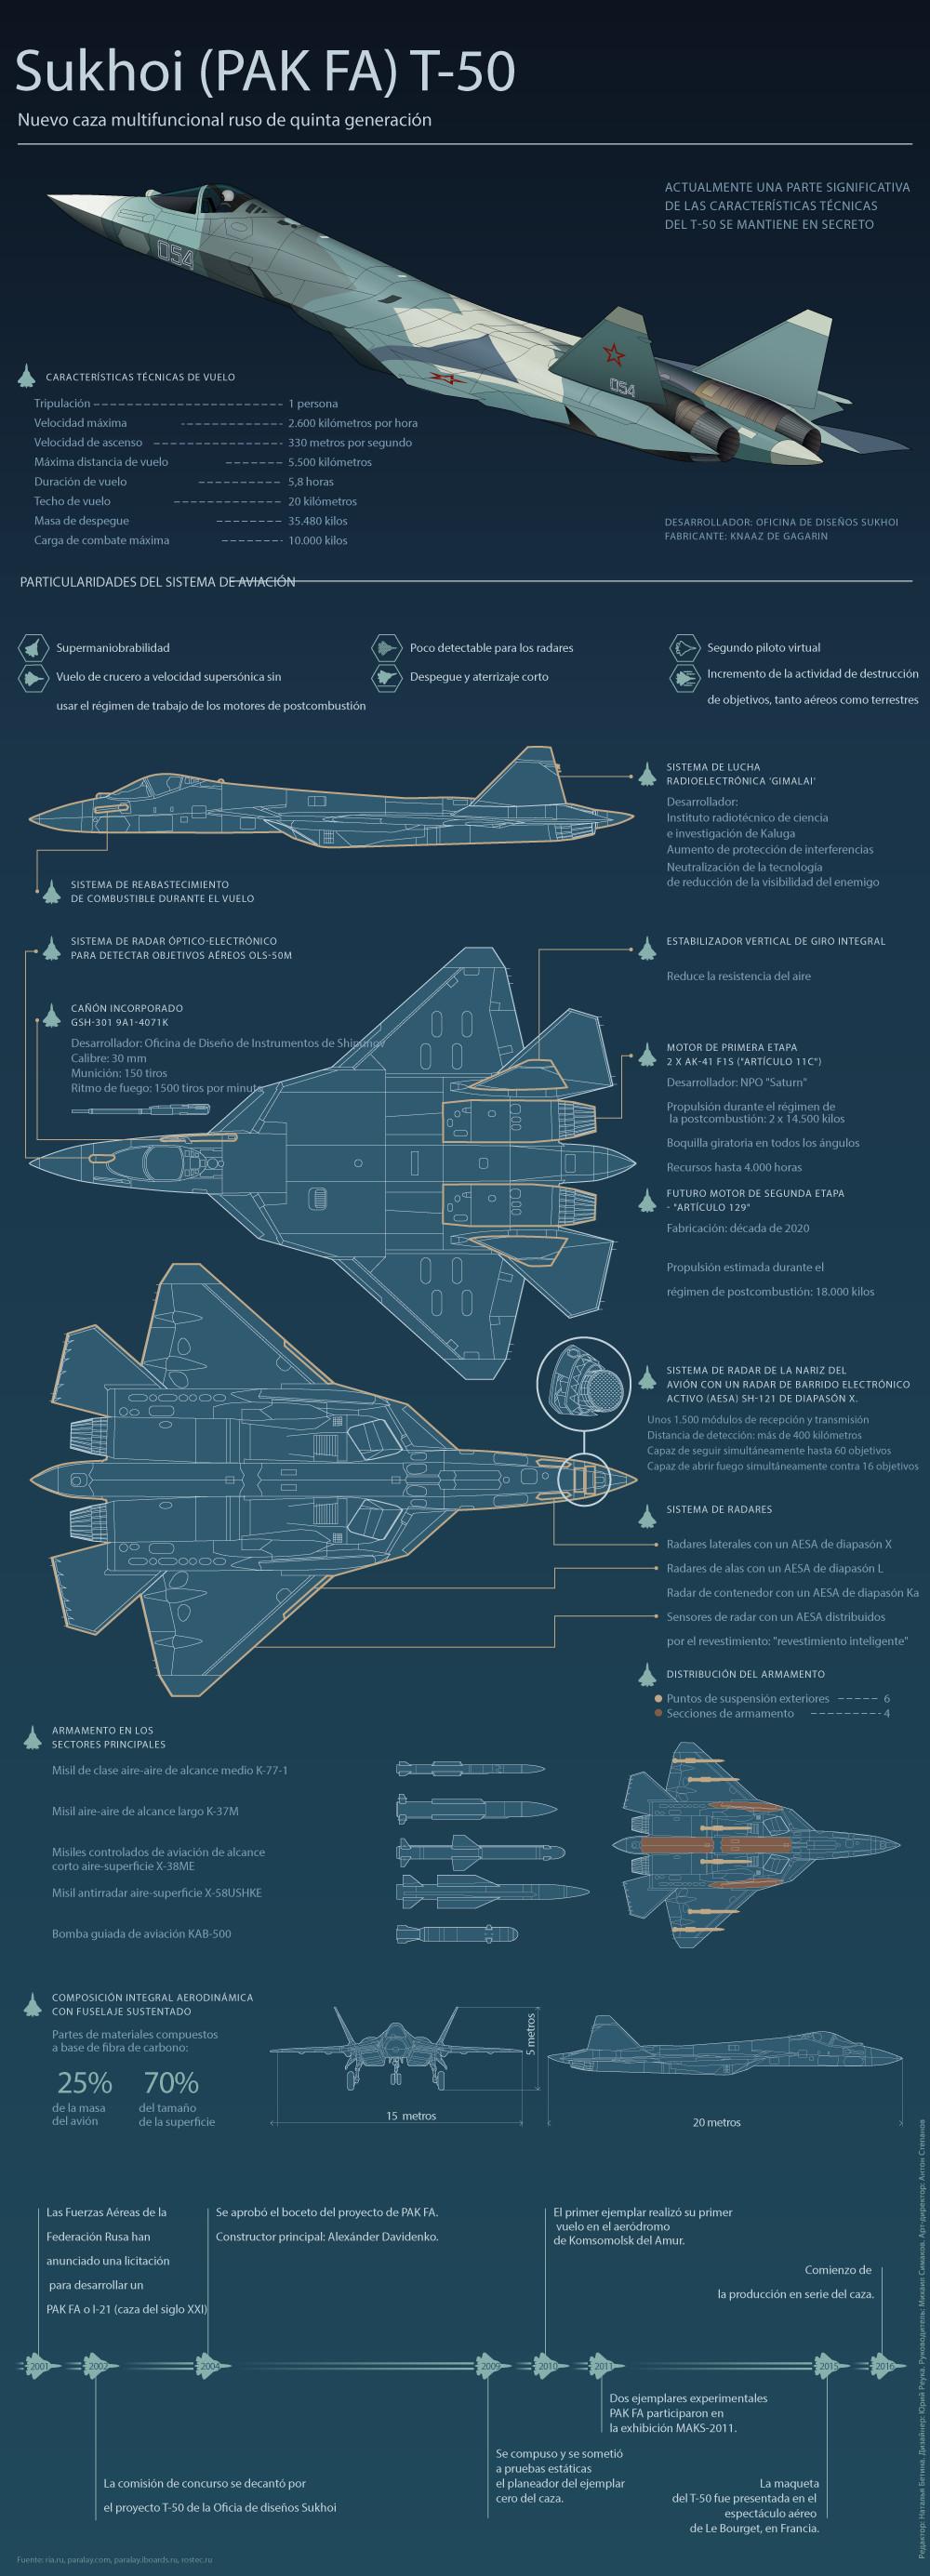 Rusia creará 12 nuevos misiles guiados para el caza furtivo T-50